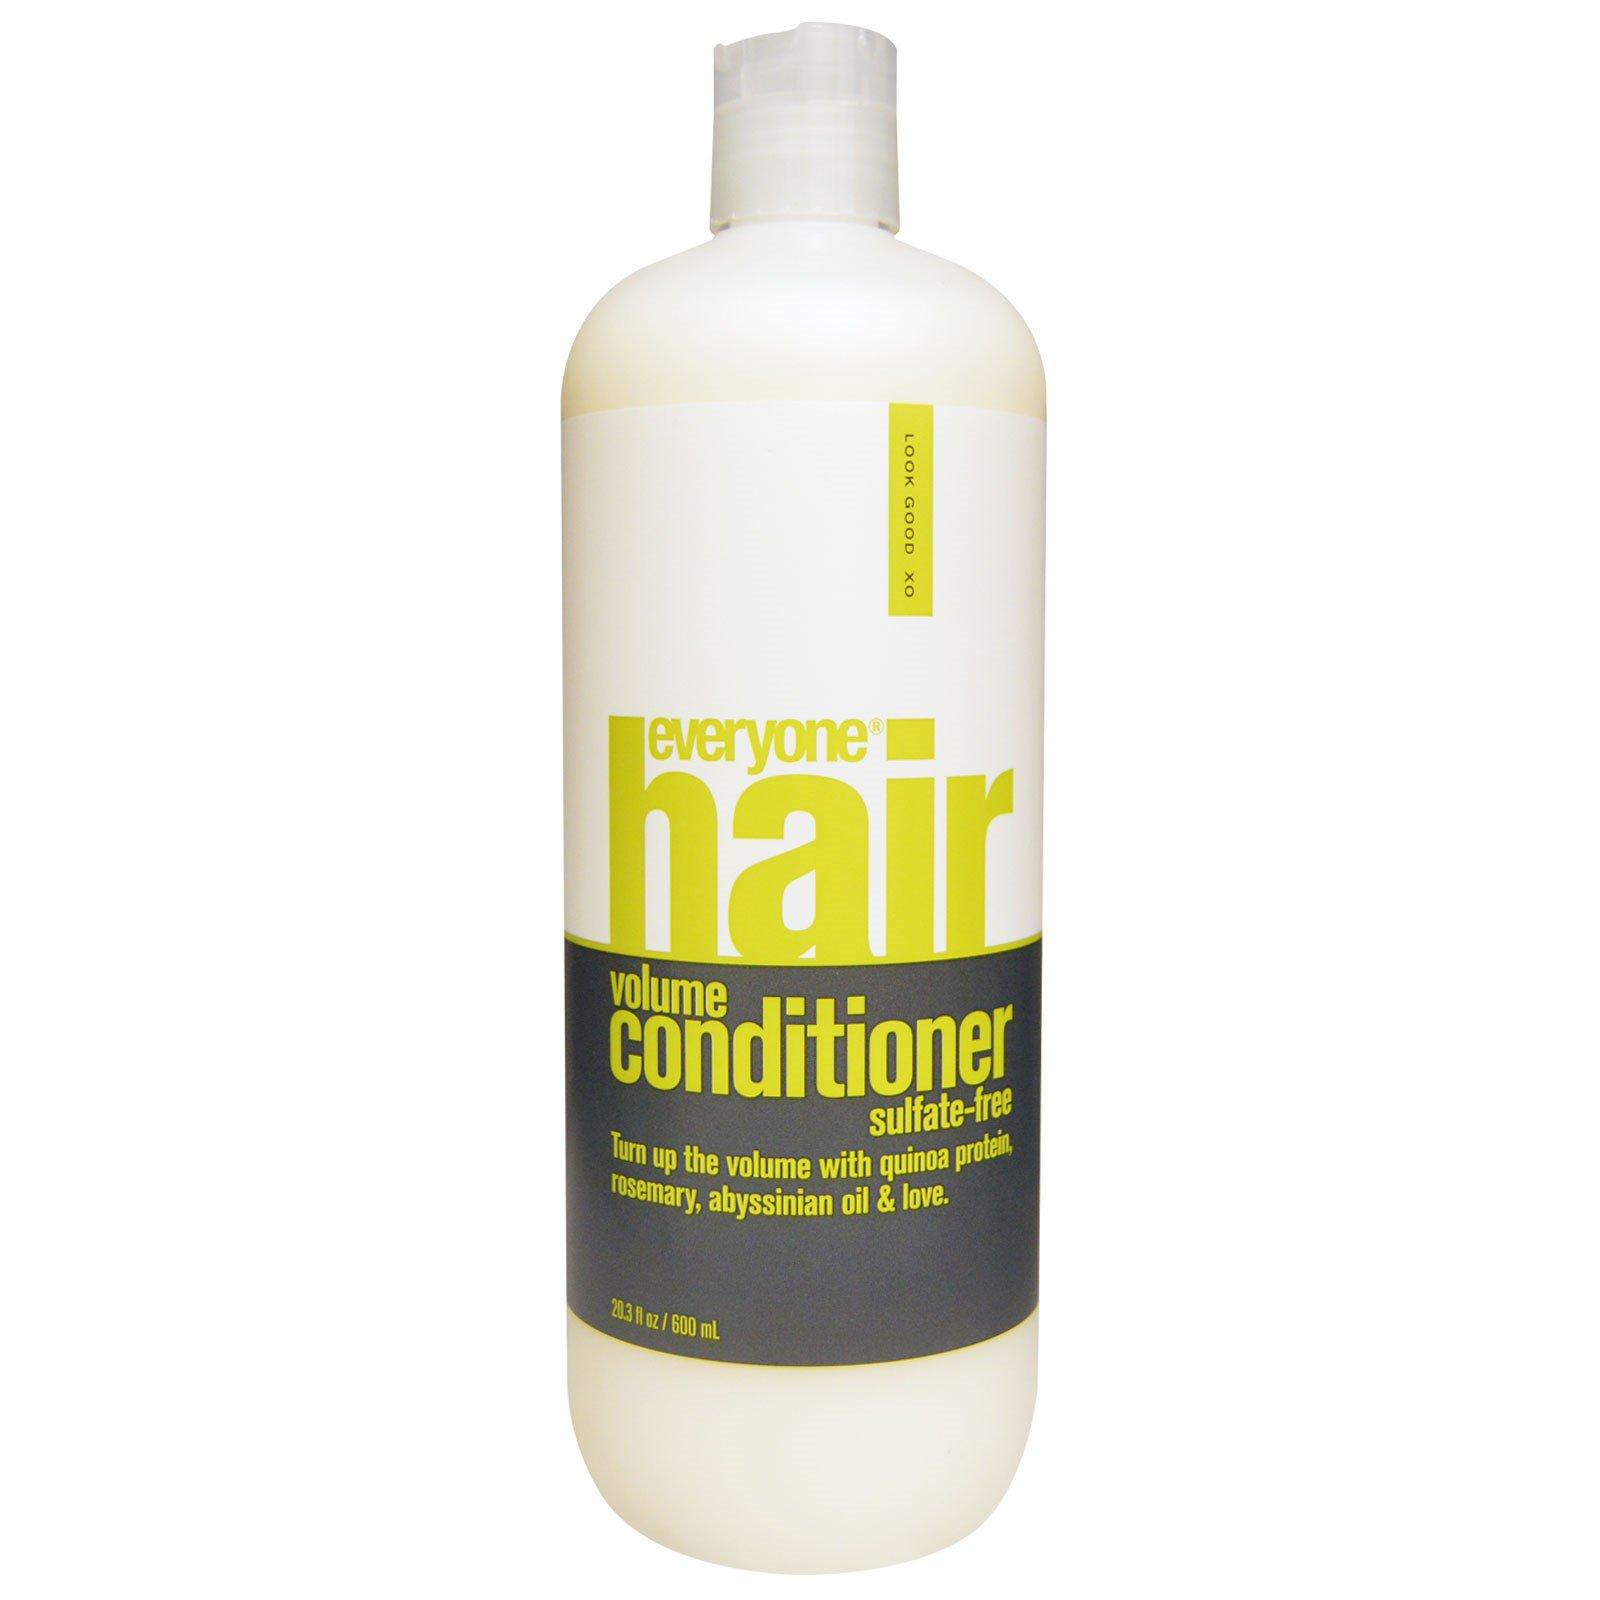 Everyone, Кондиционер для придания волосам объема, Без сульфатов, 20,3 унции (600 мл)